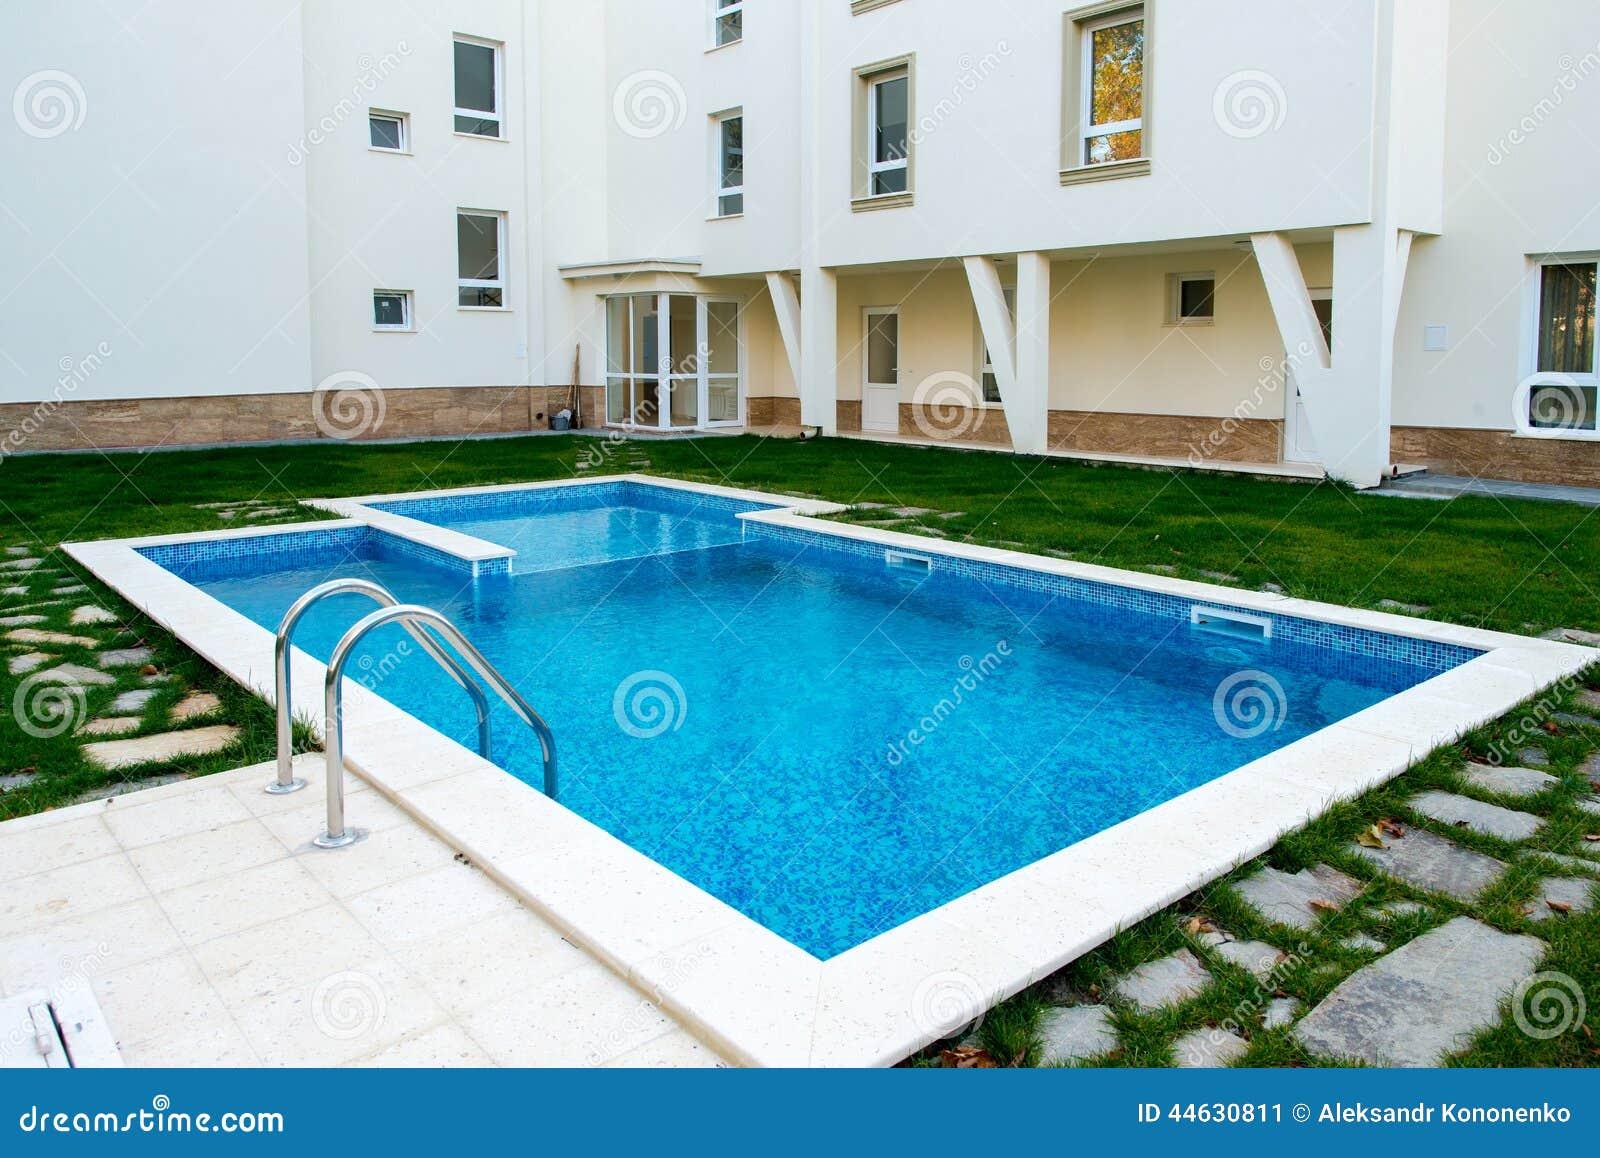 Schöner Swimmingpool Füllte Mit Wasser In Einem Wohnkomplex